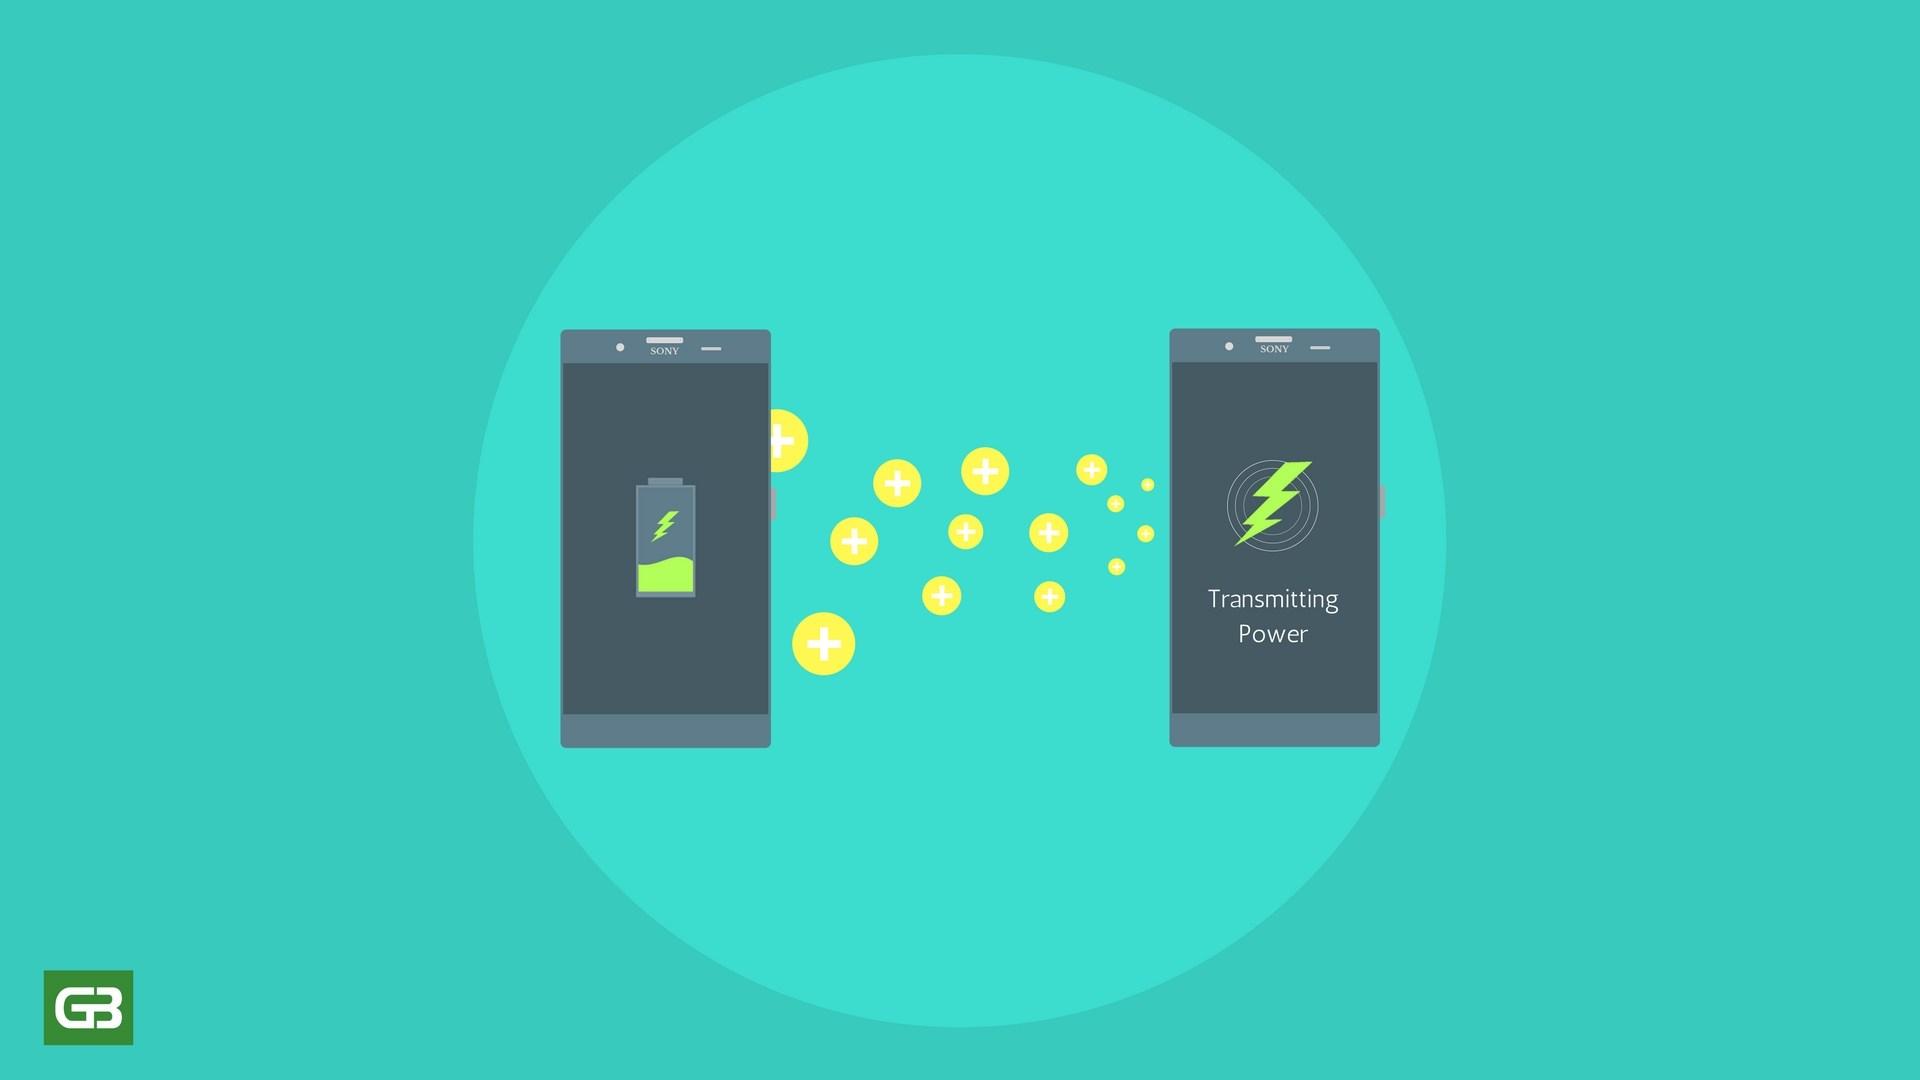 Sony được cấp bằng sáng chế sạc không dây giữa hai smartphone